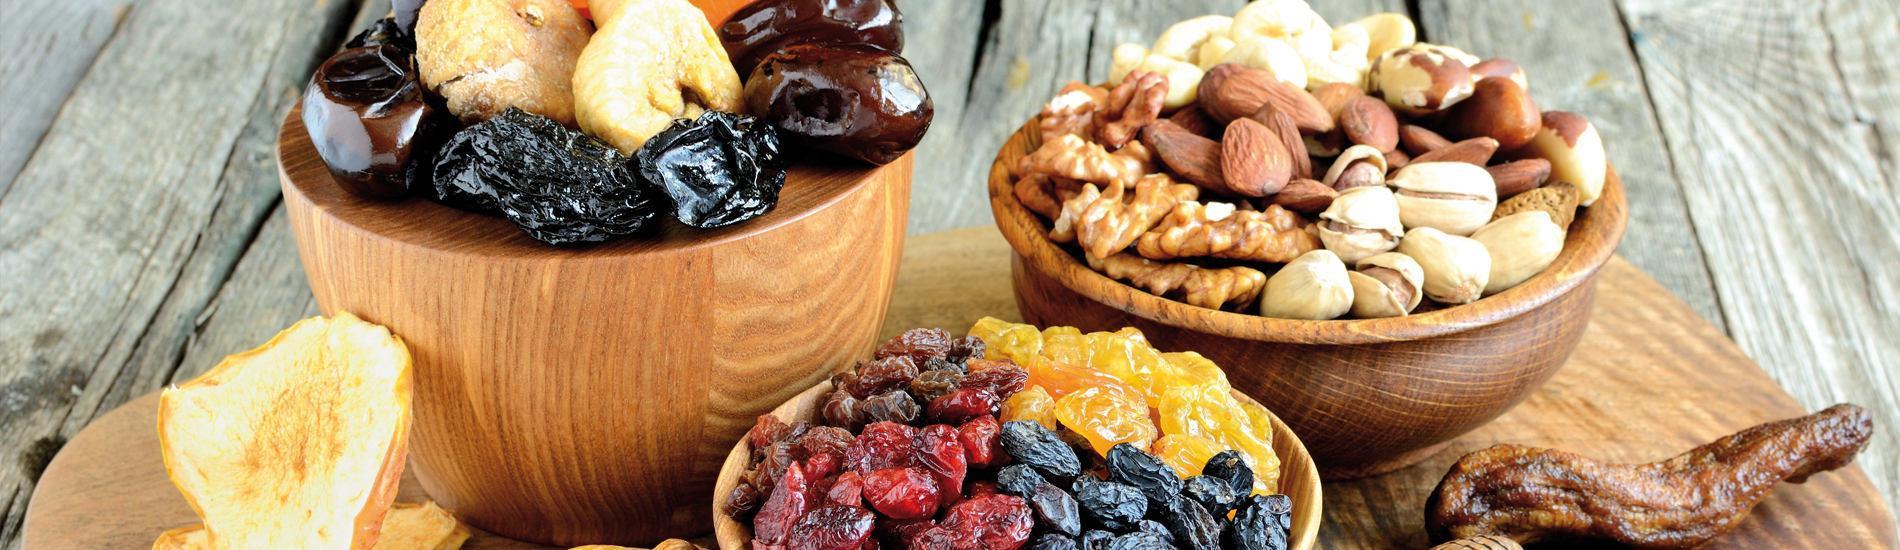 Découvrez nos fruits secs bio